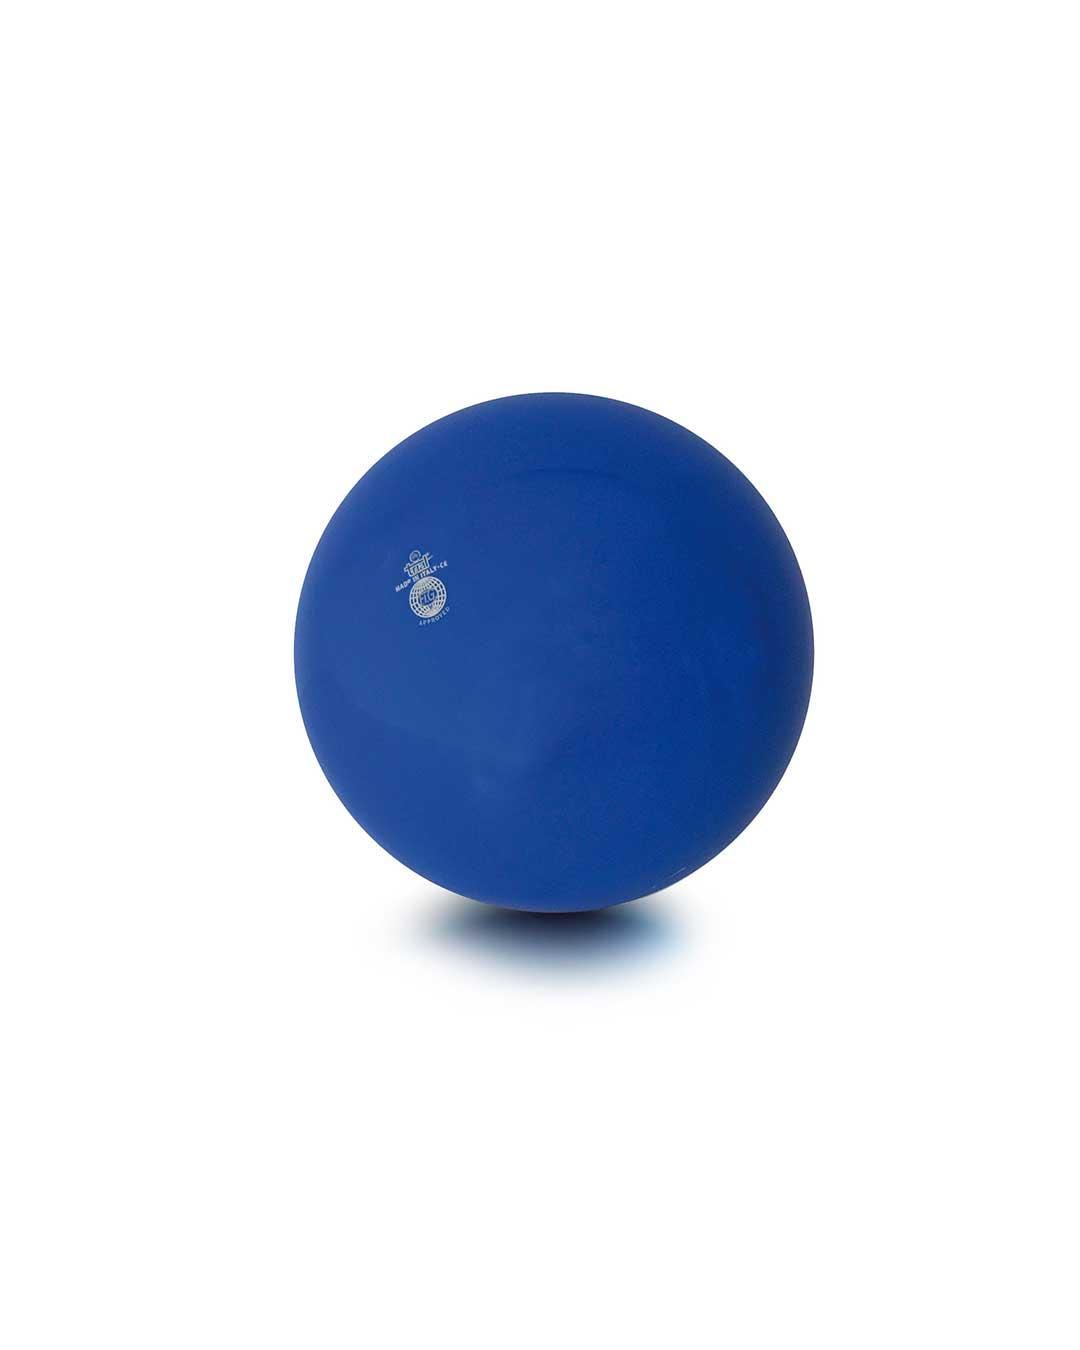 Balón liso de gimnasia rítmica TRIAL 42 azul Chile